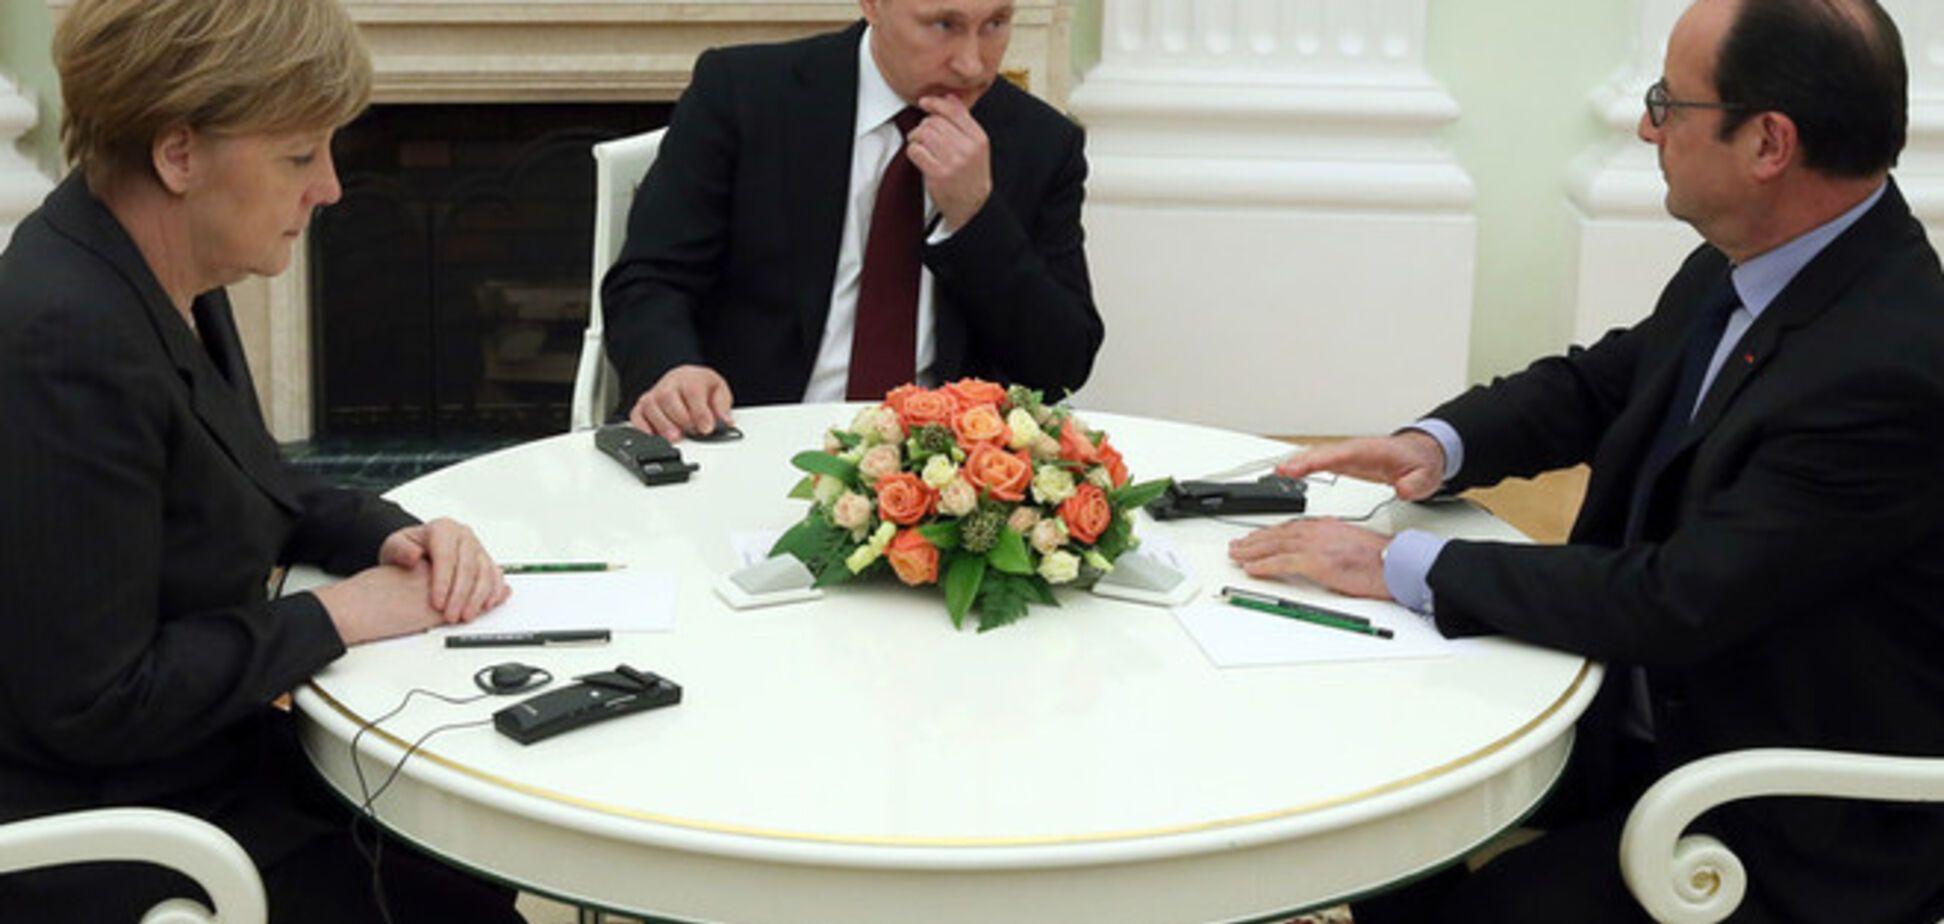 Встреча Путина, Меркель и Олланда: первые результаты переговоров по Донбассу